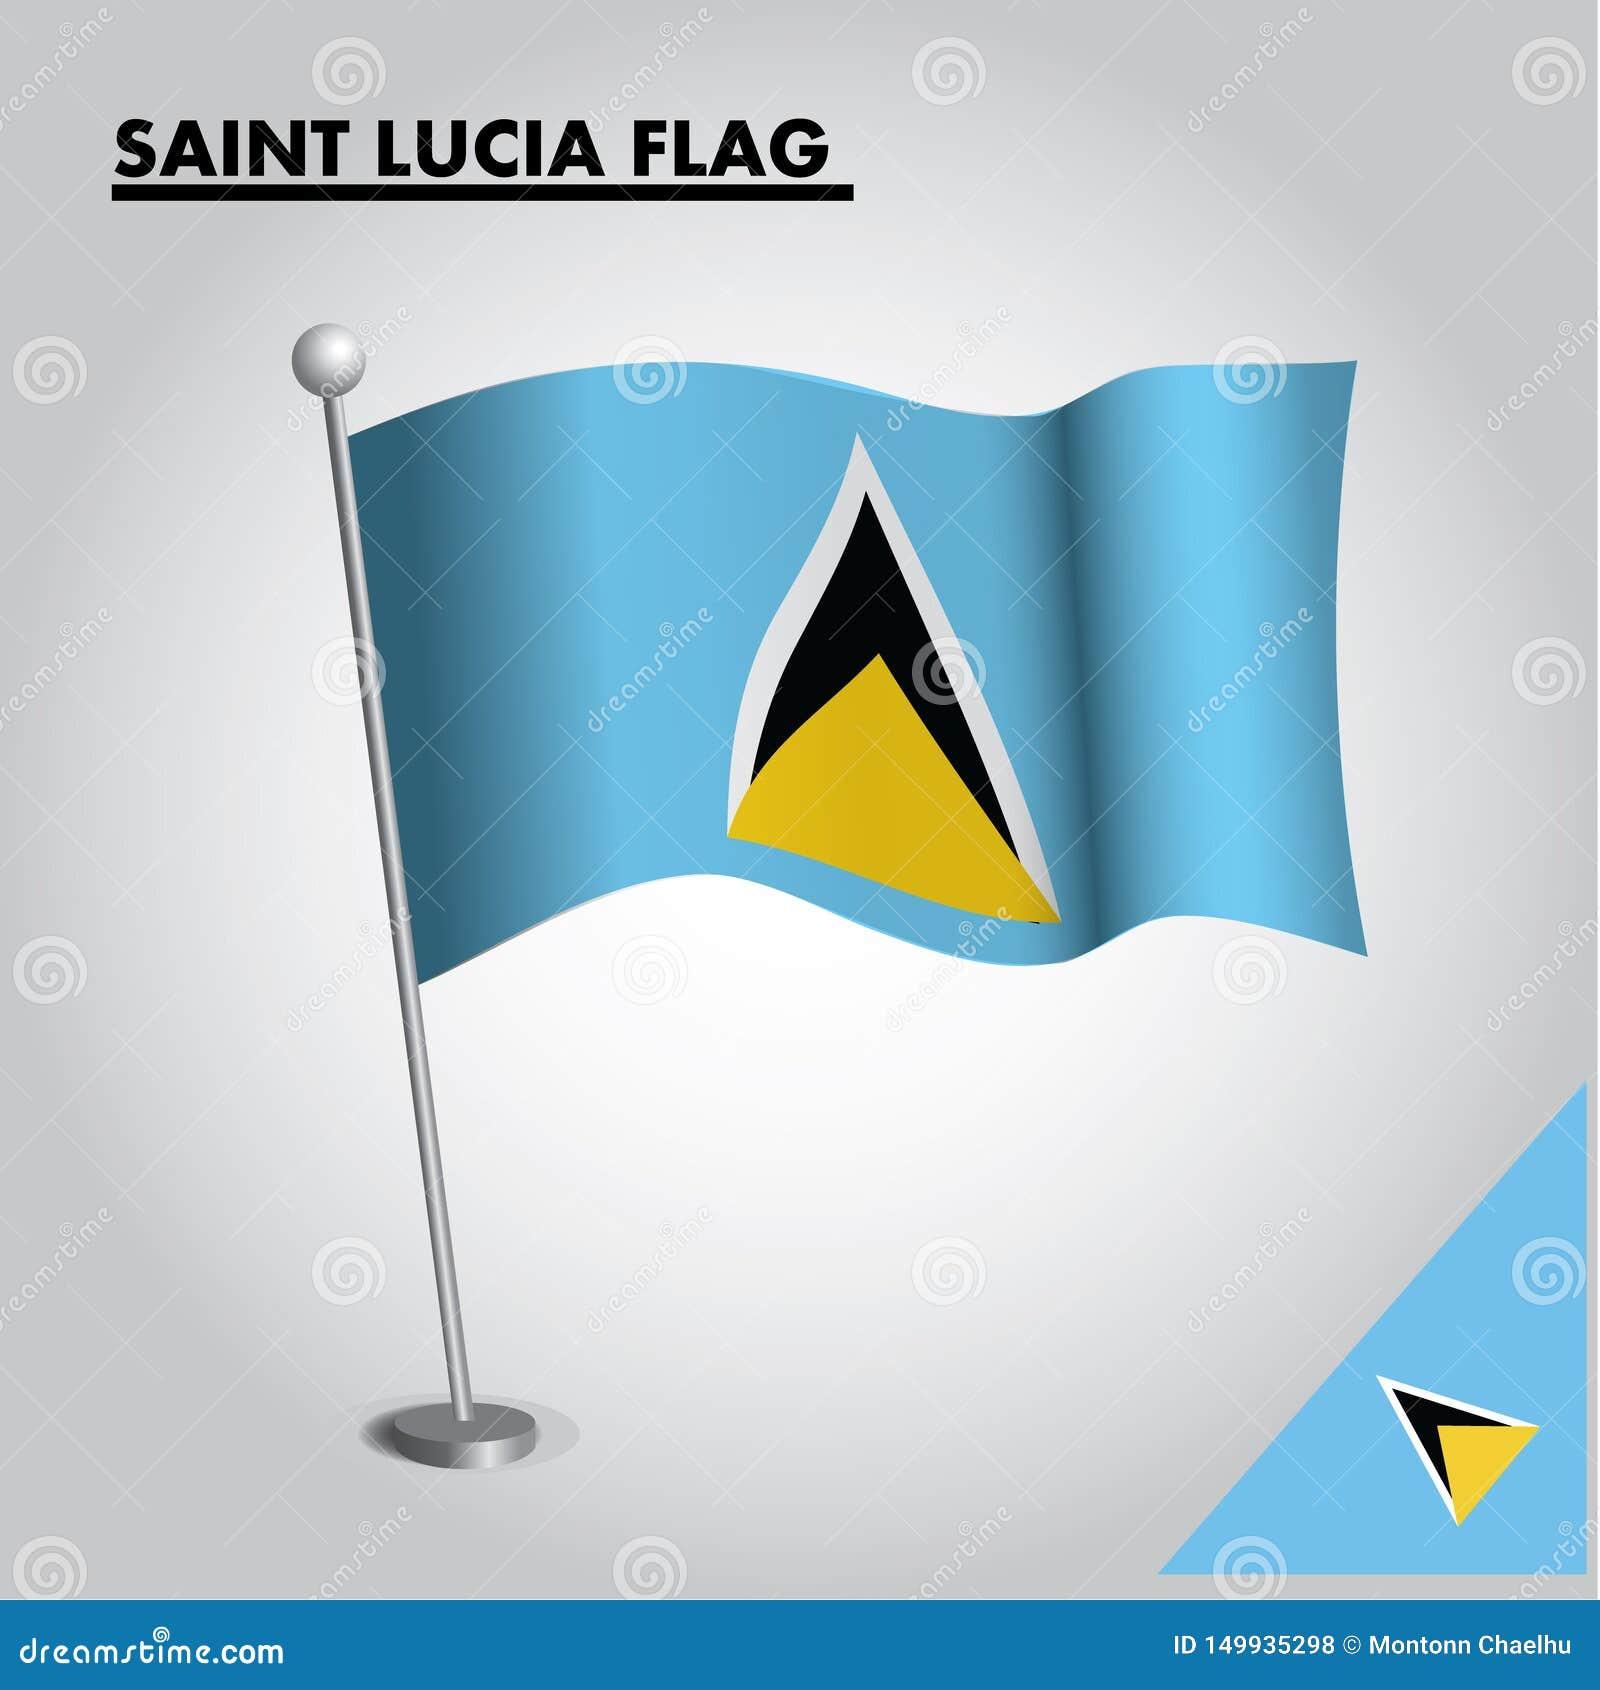 De vlag Nationale vlag van HEILIGE LUCIA van HEILIGE LUCIA op een pool